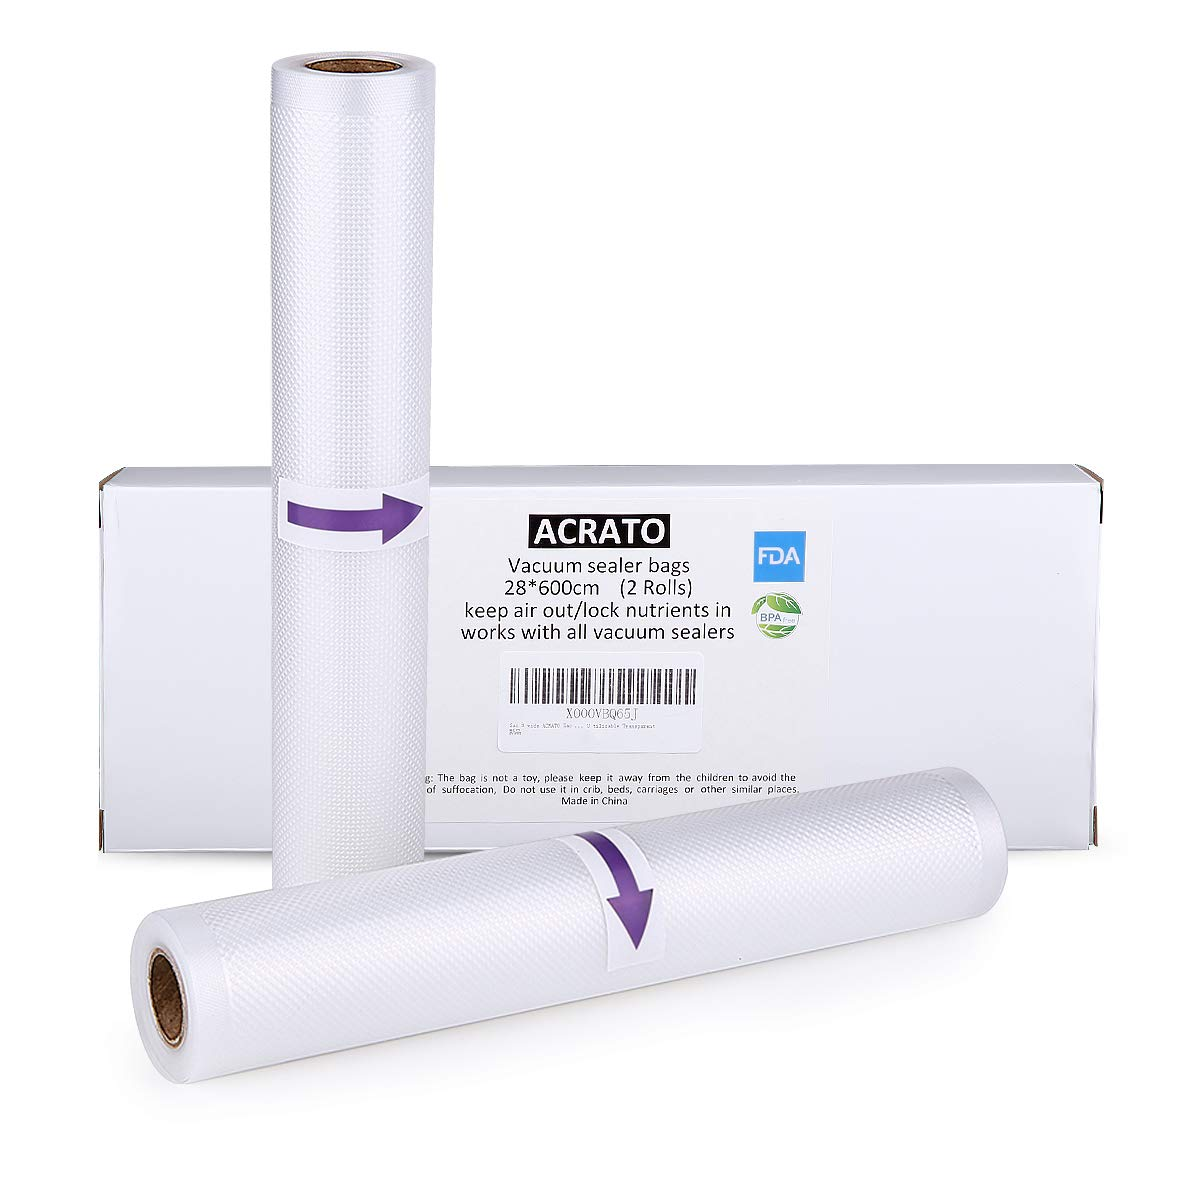 Vakuumierbeutel ACRATO Vakuumbeutel Vakuumrollen 28 cm x 300 cm, 2 Rollen Folienbeutel Strukturbeutel für alle Vakuumiergeräte, Einfrieren Mikrowellen und Sous Vide Verwendbar Transparent